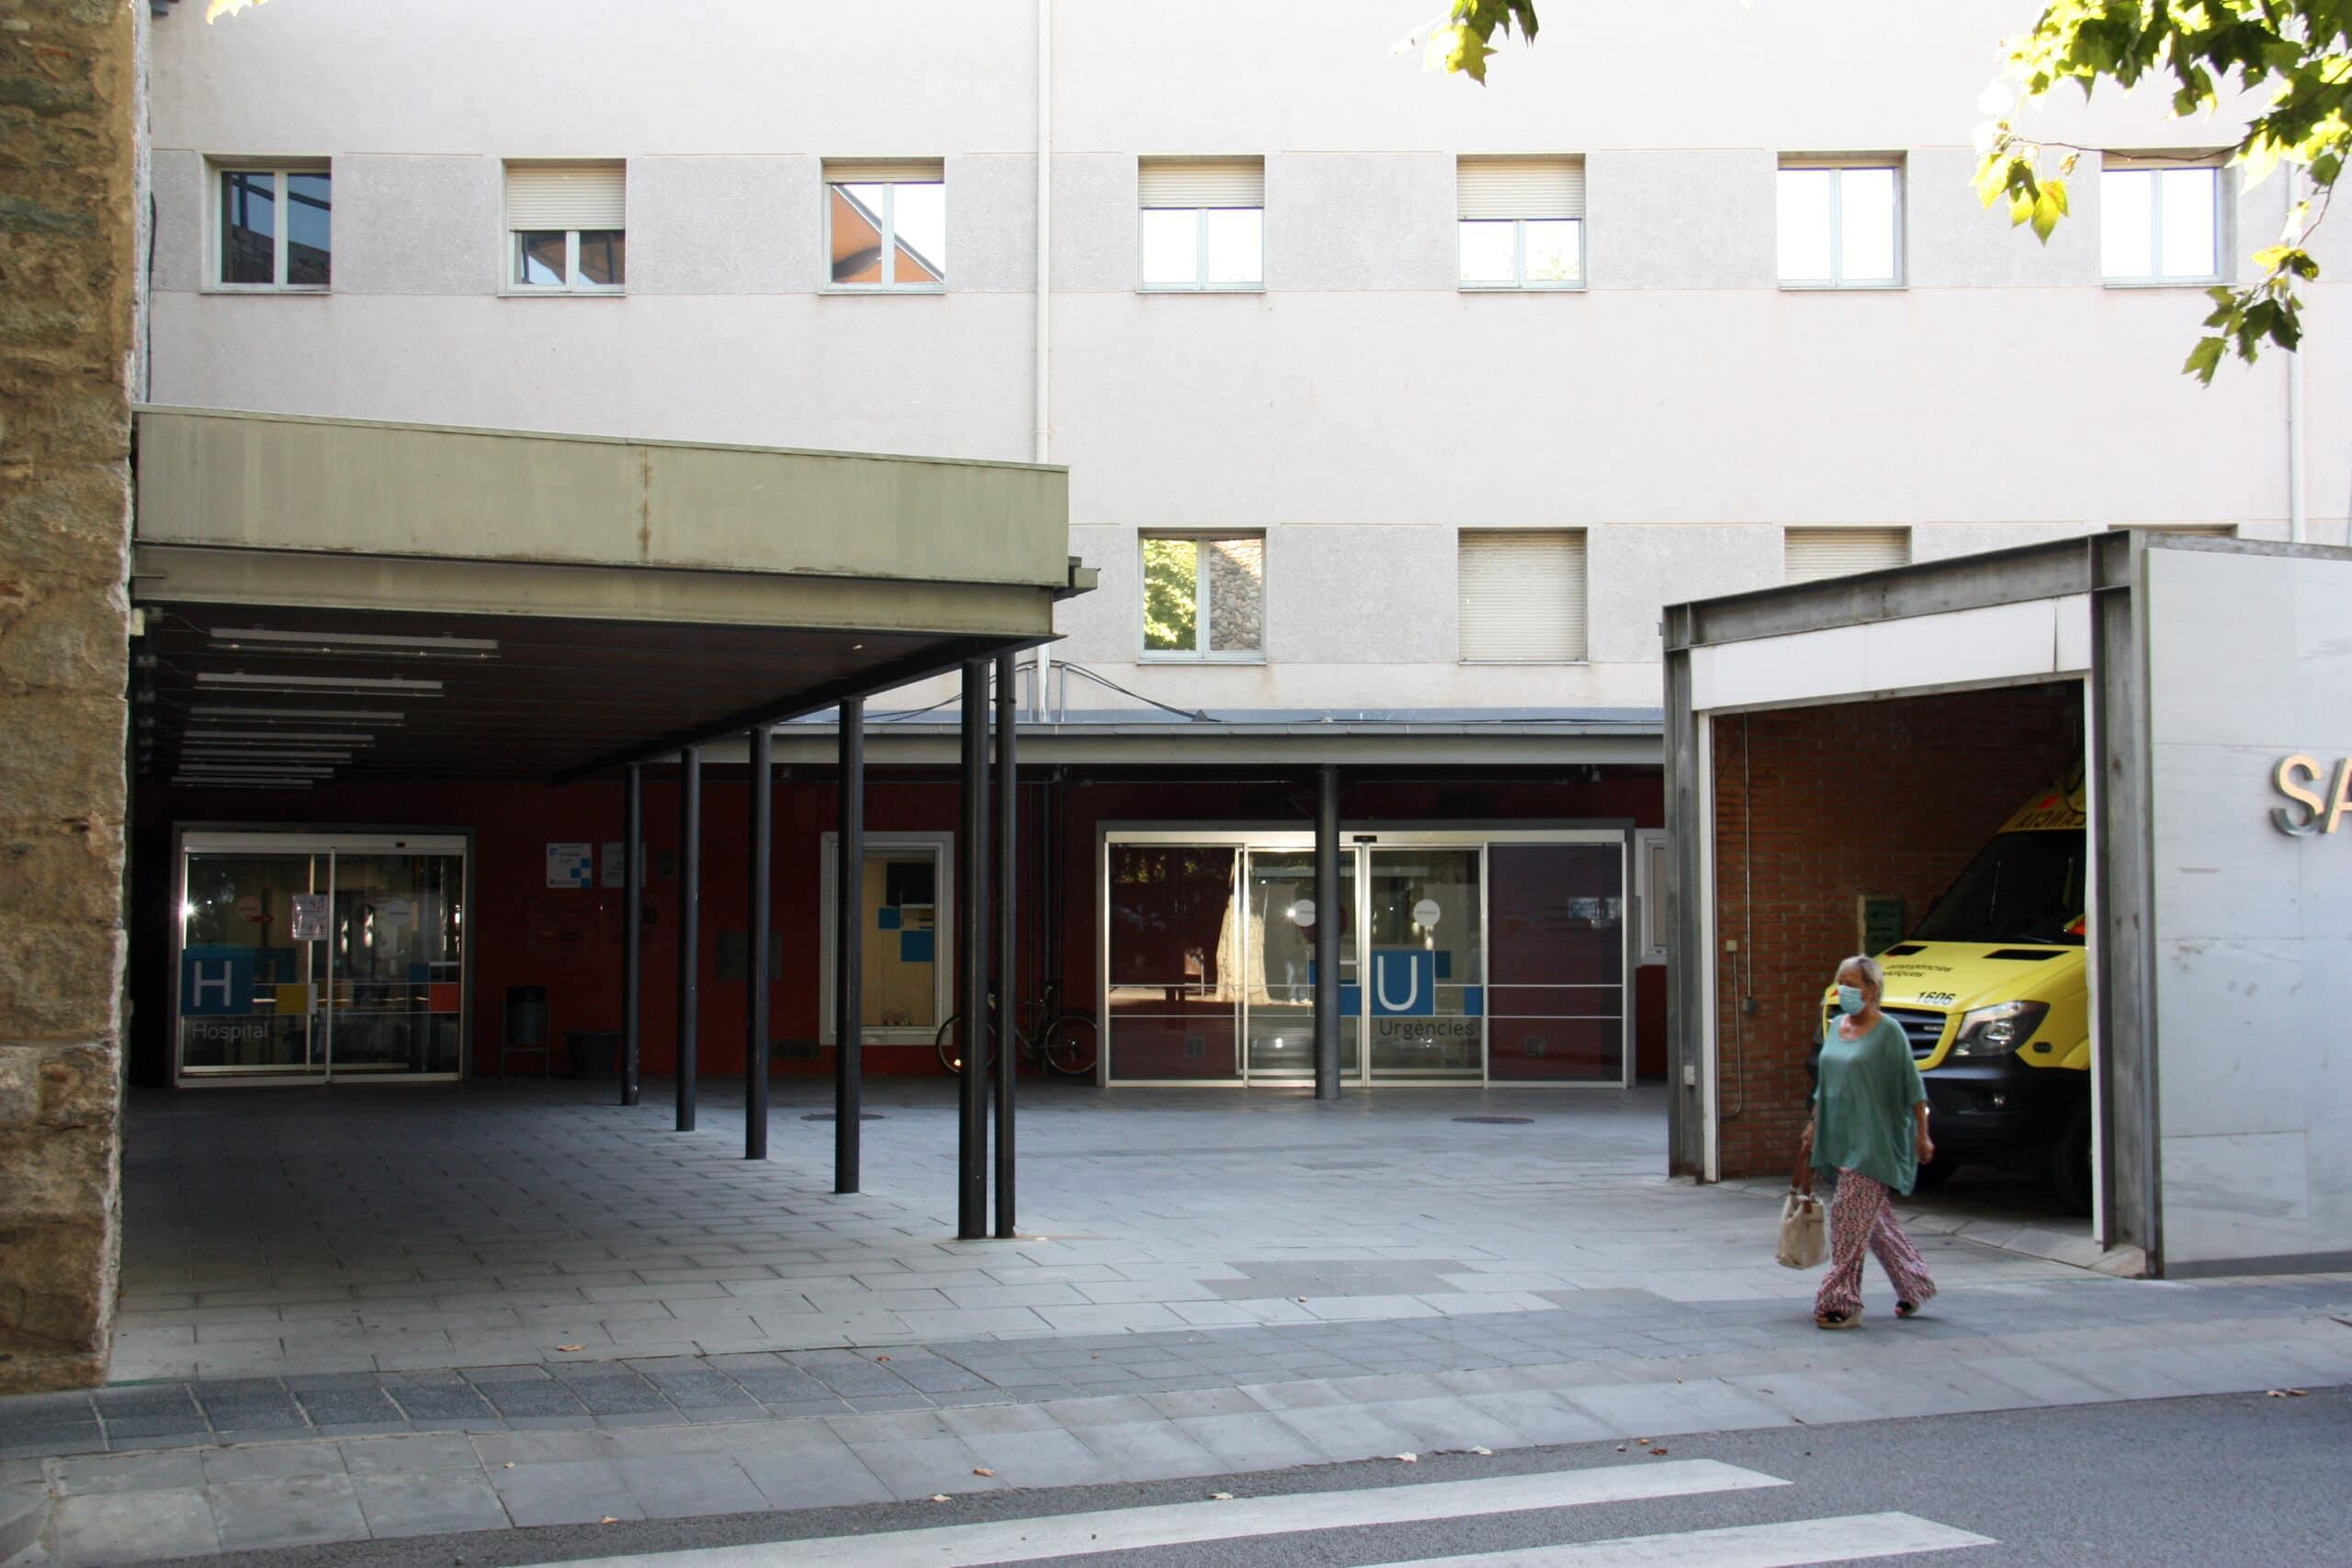 Una nova mort per covid a la Seu i una altra, en les darreres hores, a Andorra